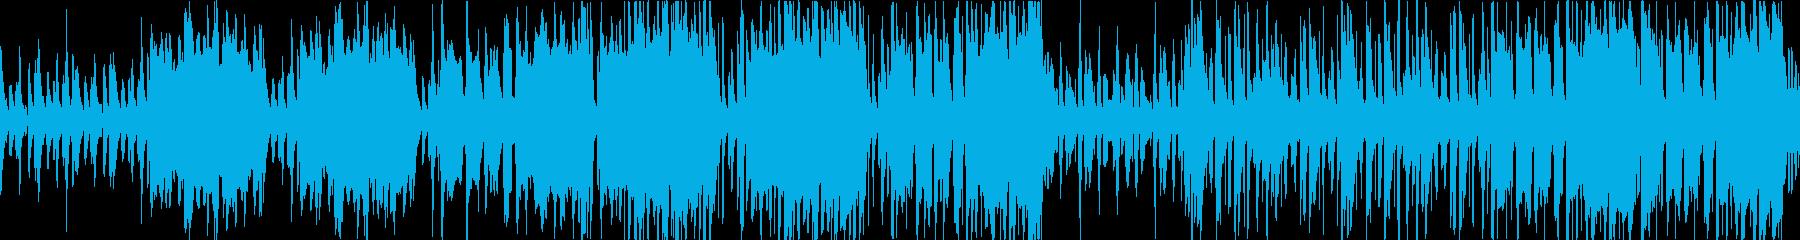 ほのぼのと可愛く優しいポップスの再生済みの波形